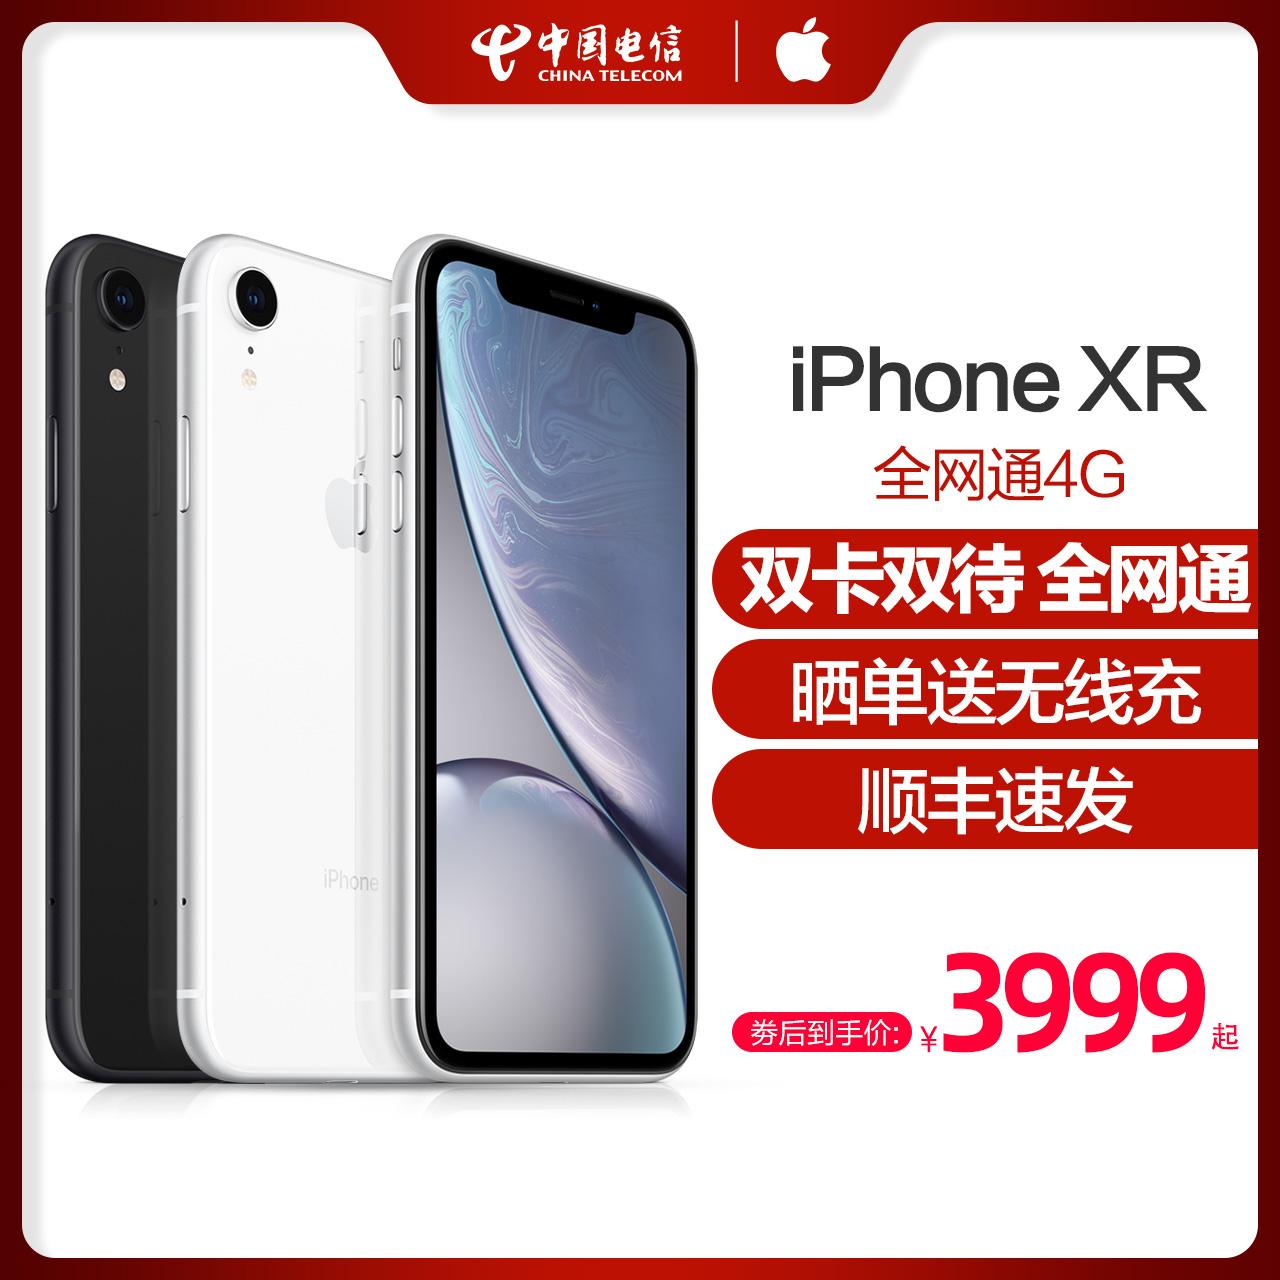 [Đơn đặt hàng để gửi sạc không dây bắt đầu từ 3999 nhân dân tệ] Apple / Apple iPhone XR full Netcom 11 điện thoại di động 8P pro Apple xr điện thoại di động Tianyi chính thức cửa hàng xsmax National Bank - Điện thoại di động